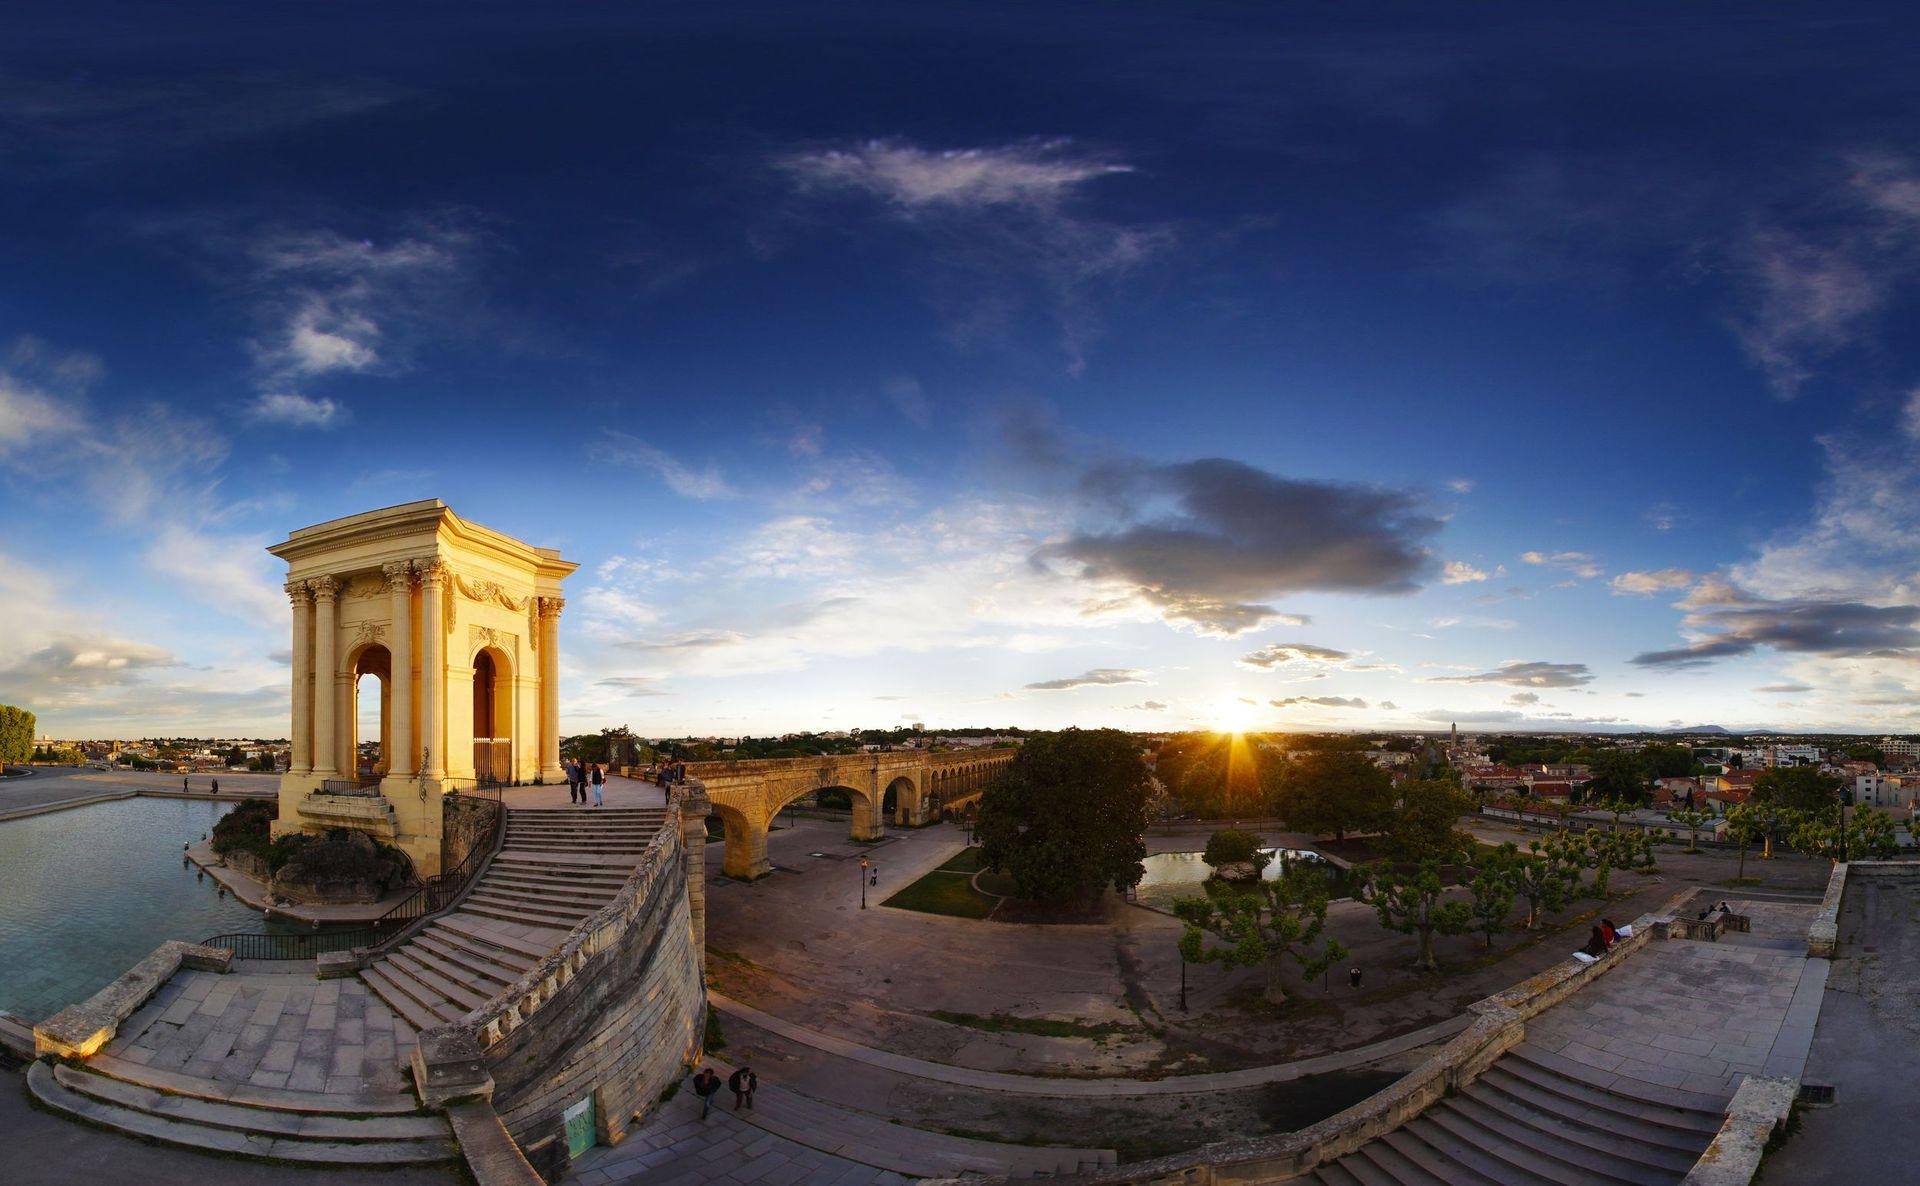 Coucher de soleil au château d'eau du Peyrou à Montpellier